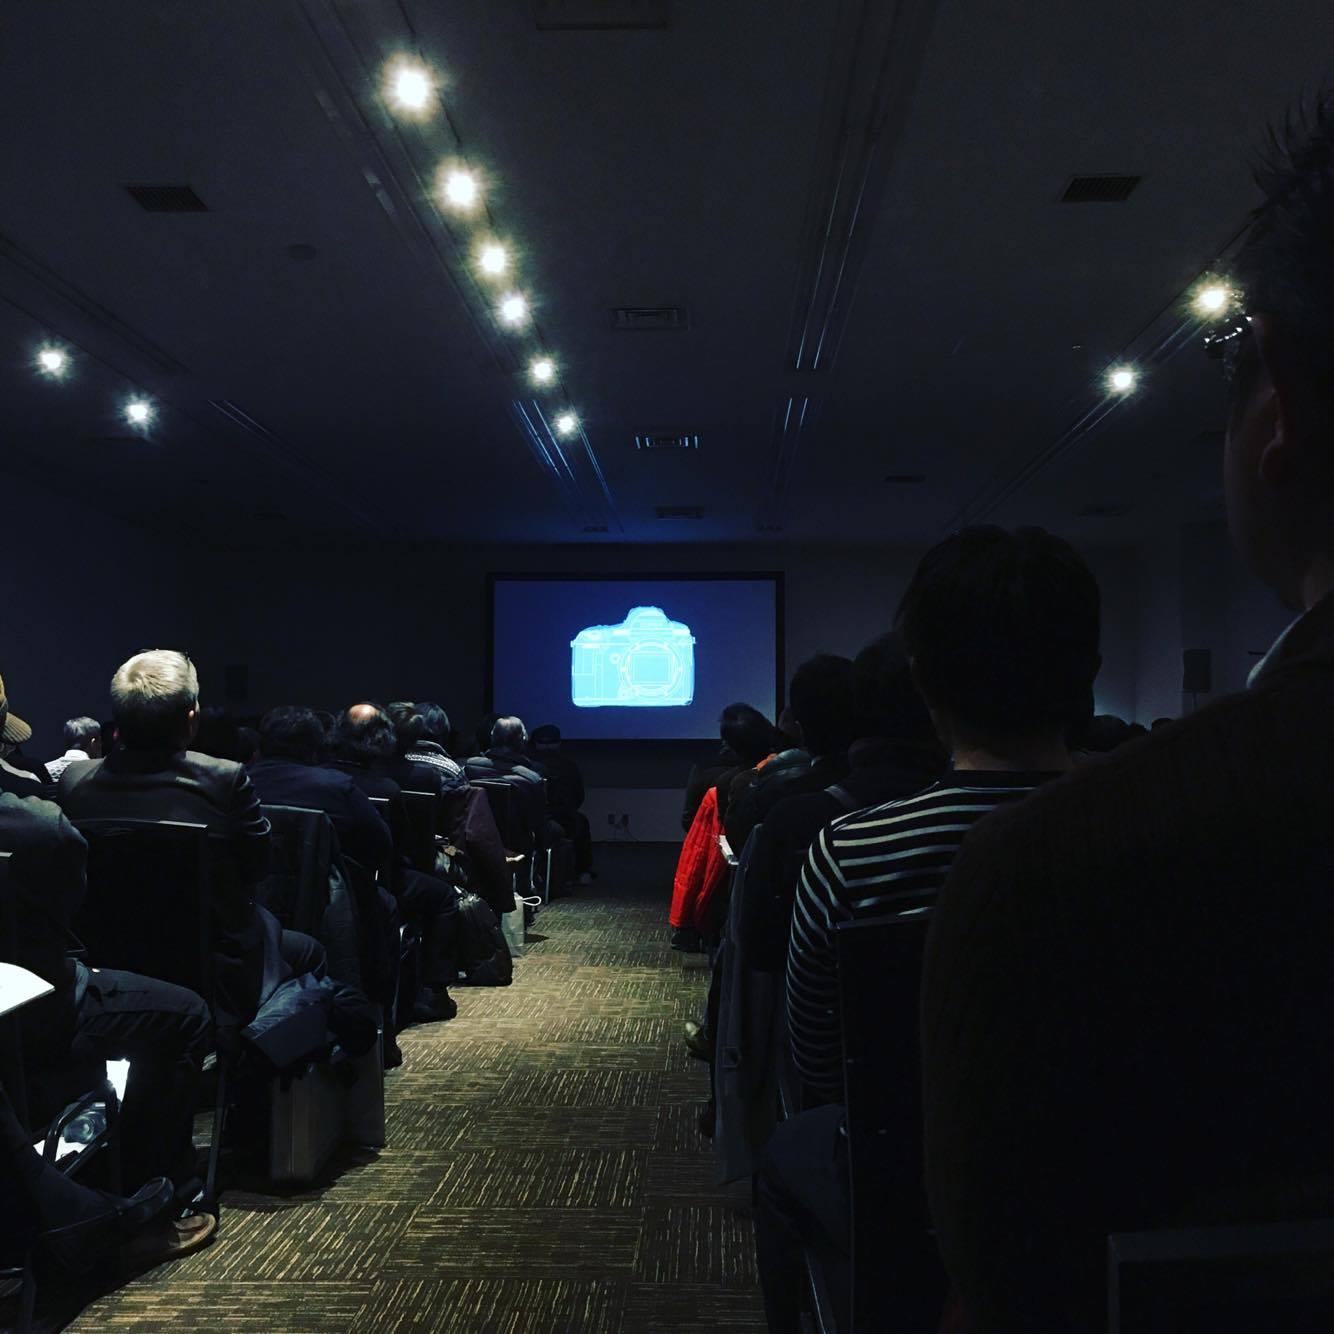 製品説明会ではプロの方々が集まりじっくり話を聞いています。